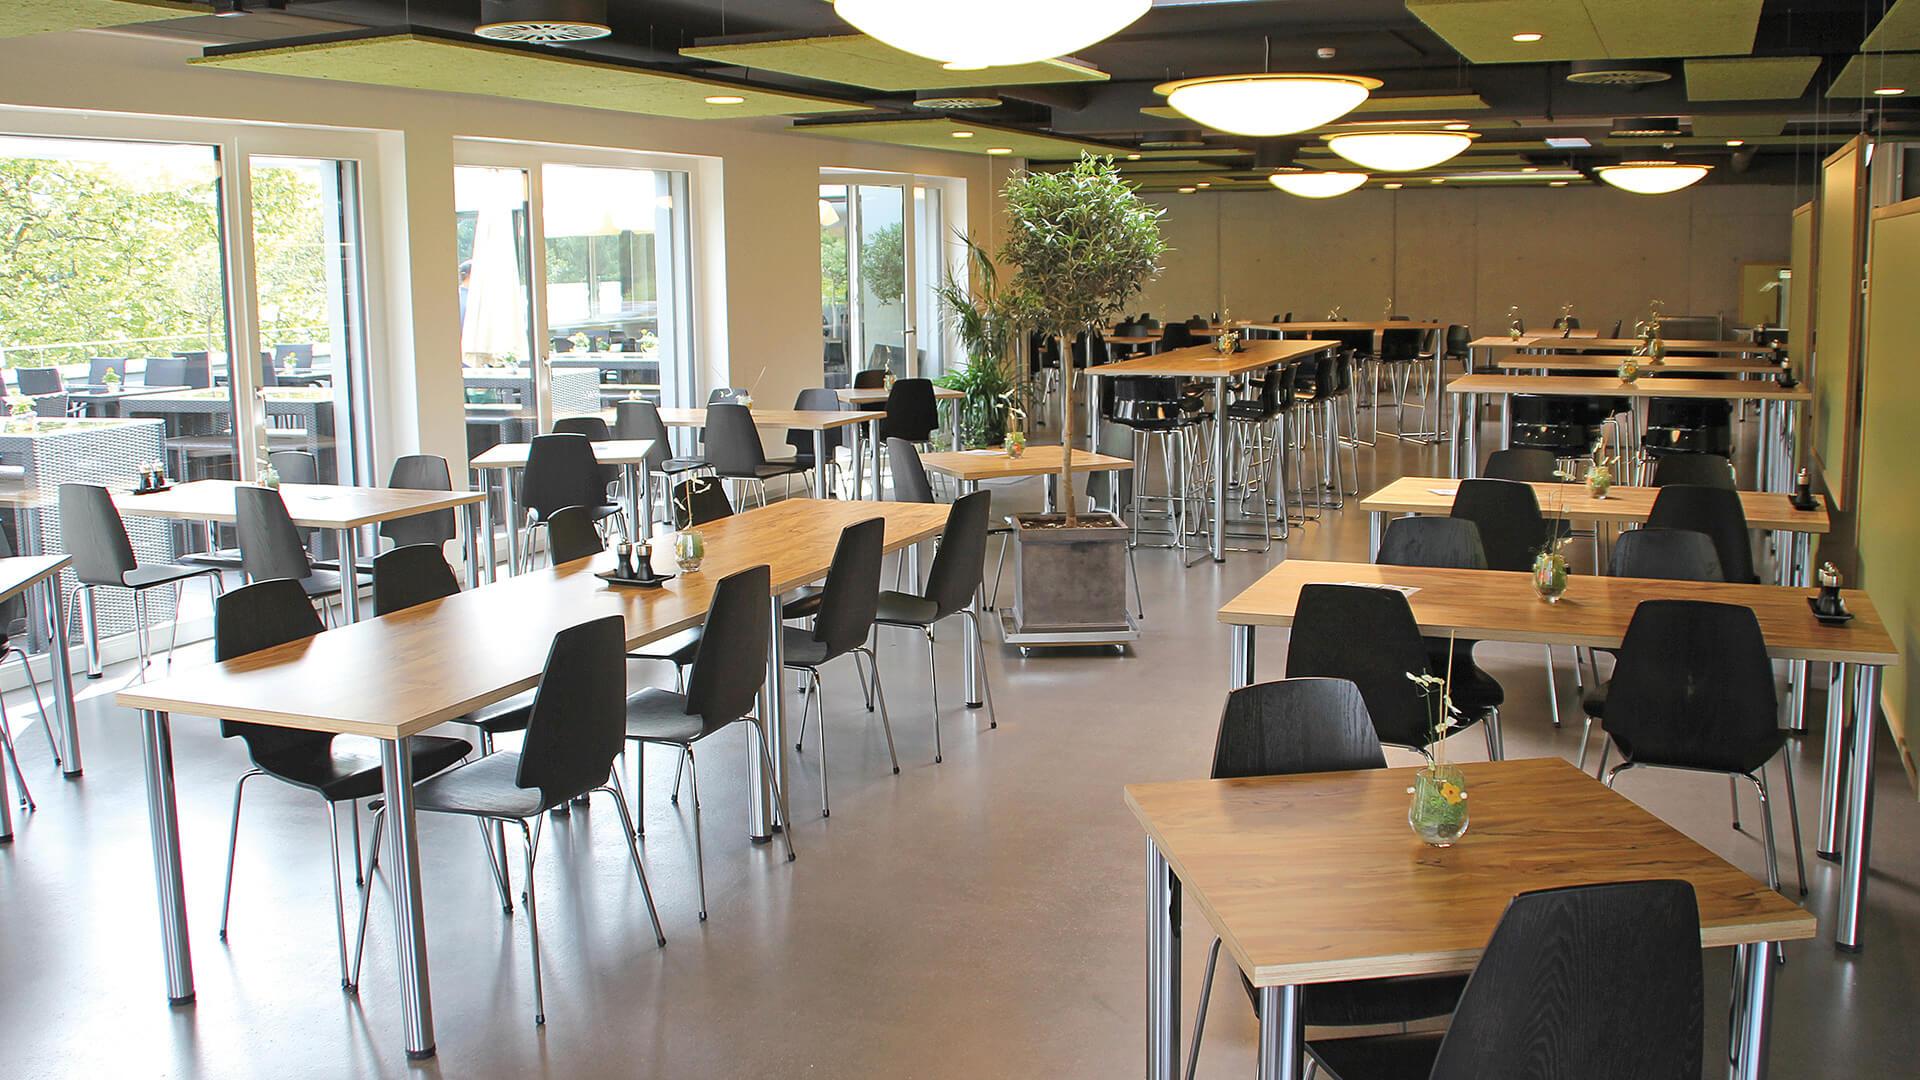 restaurant-topoff-innen-tische